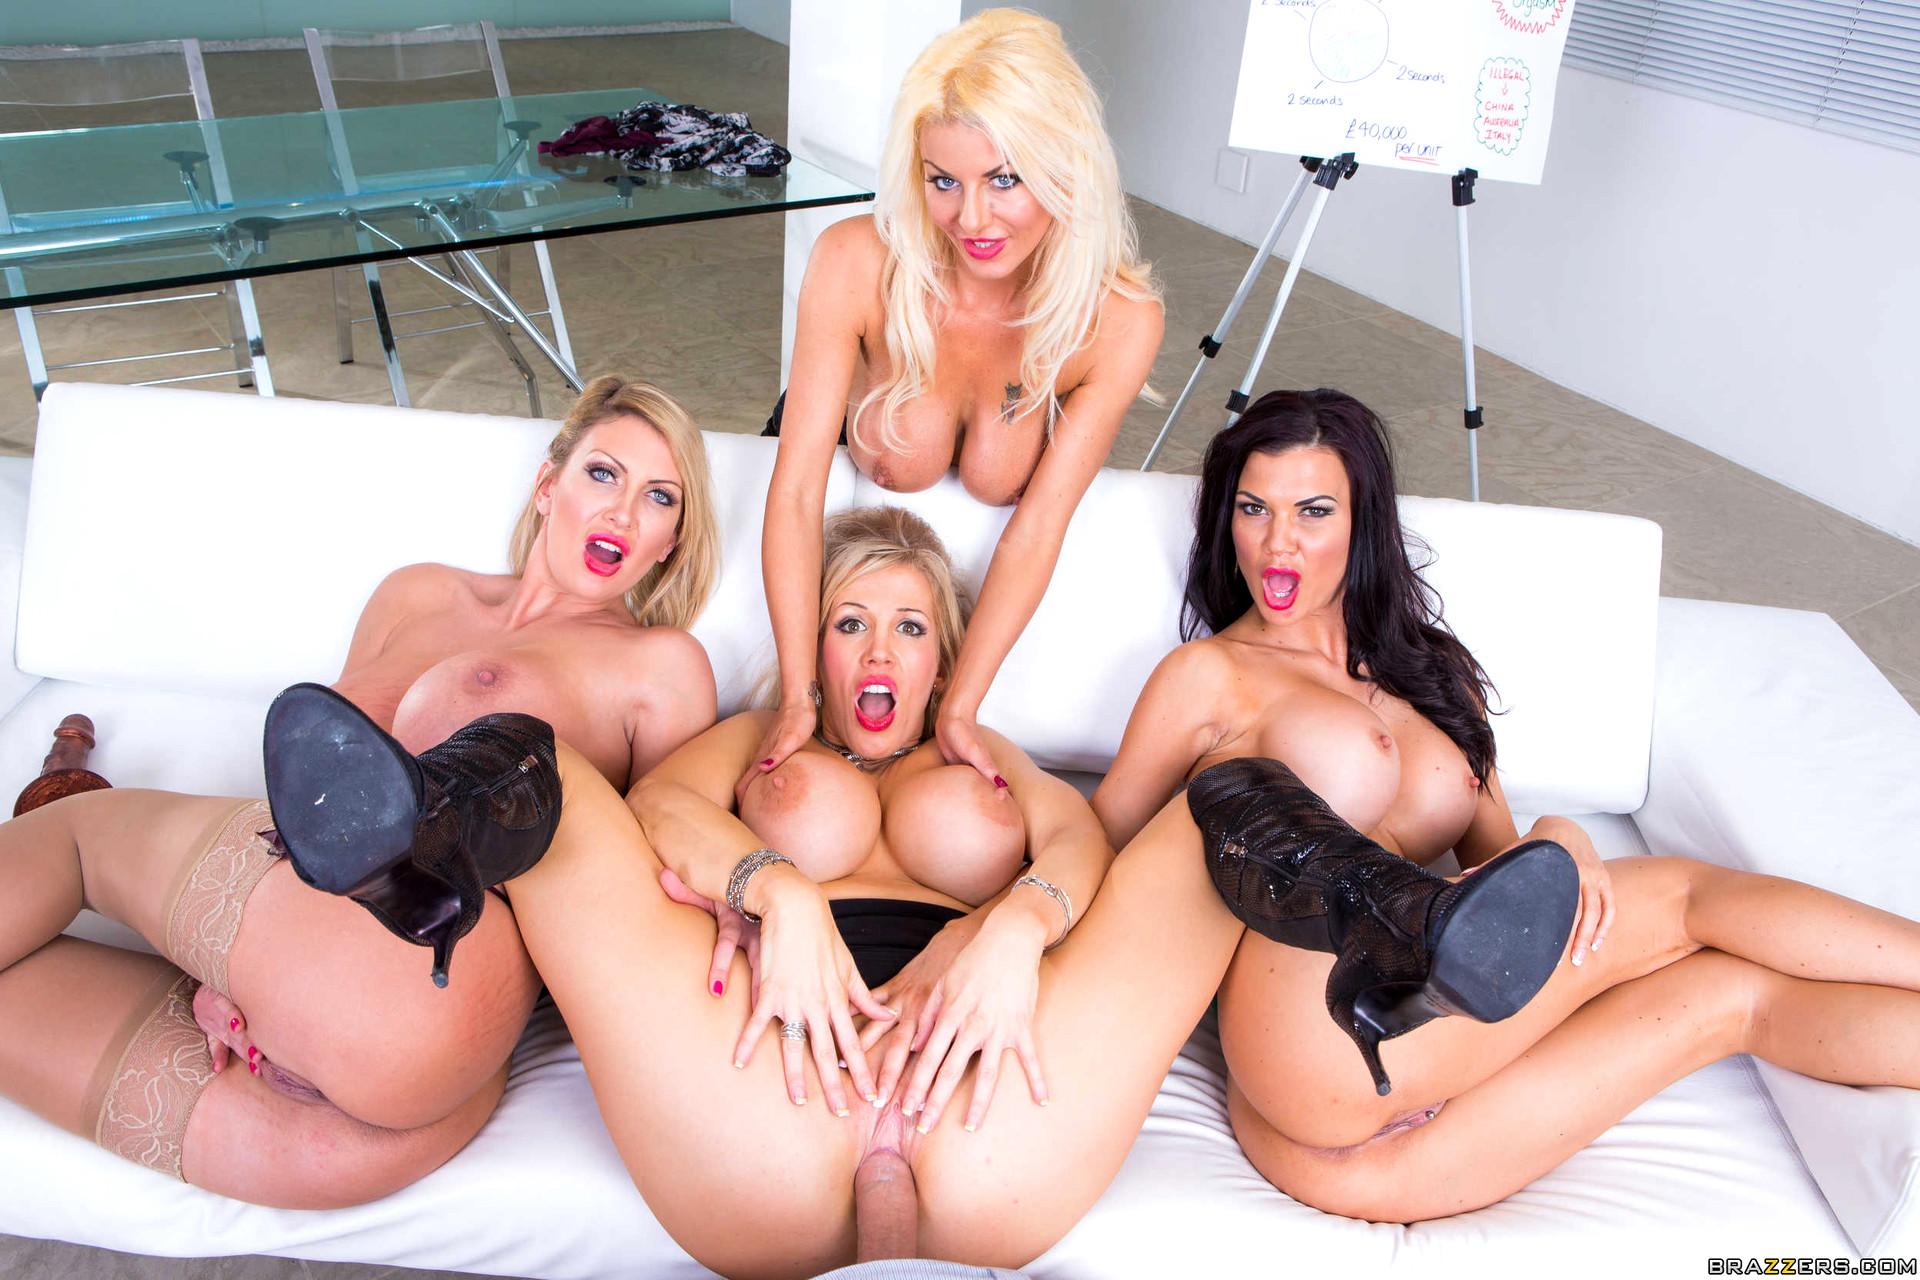 Big tits porn images, natural big boobs huge ass sex galery